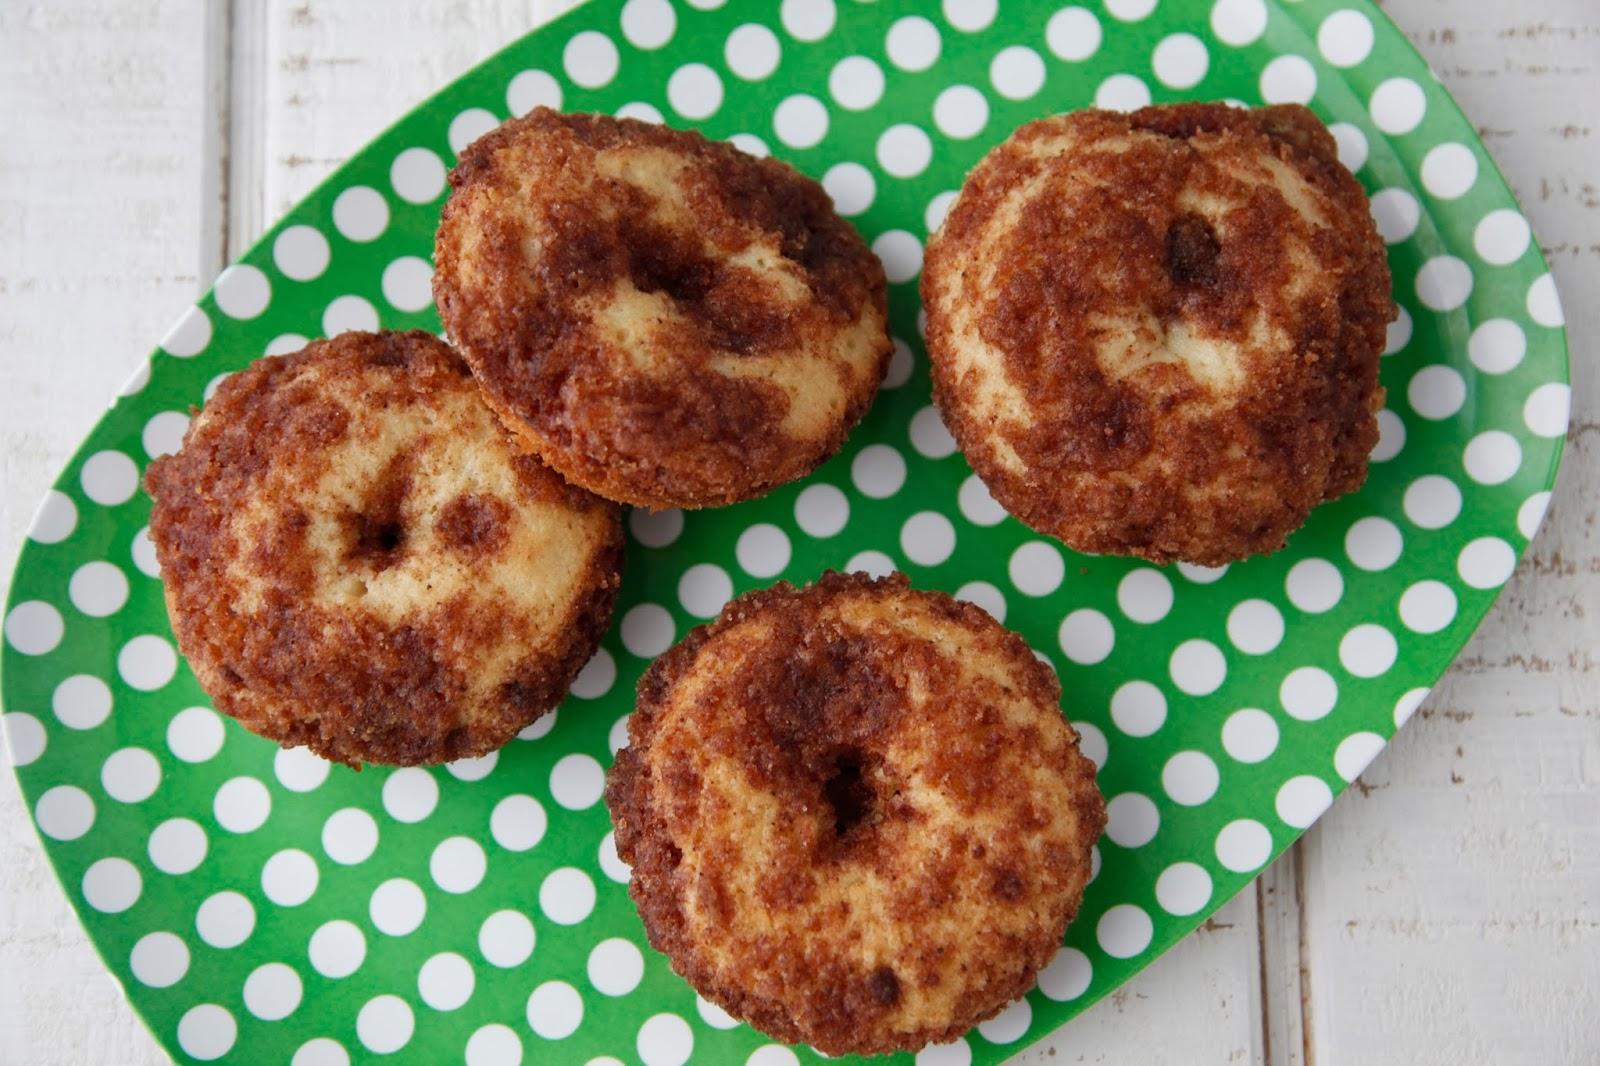 Krusteaz donuts